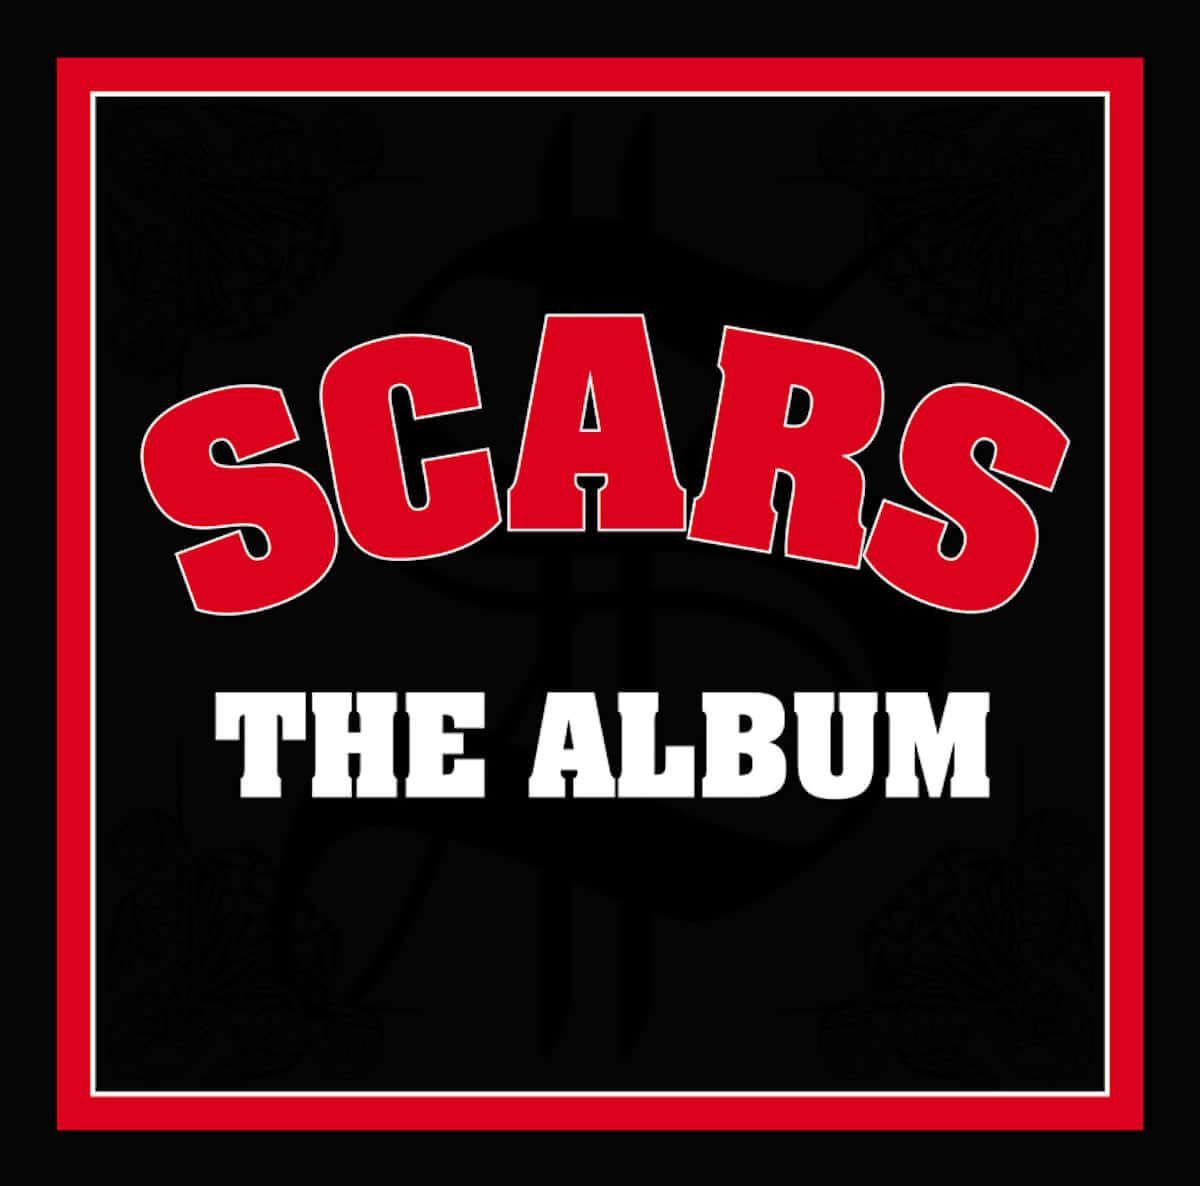 SCARS、入手困難だった『THE ALBUM』リイシュー盤をリリース music190418_scars_main-1200x1186